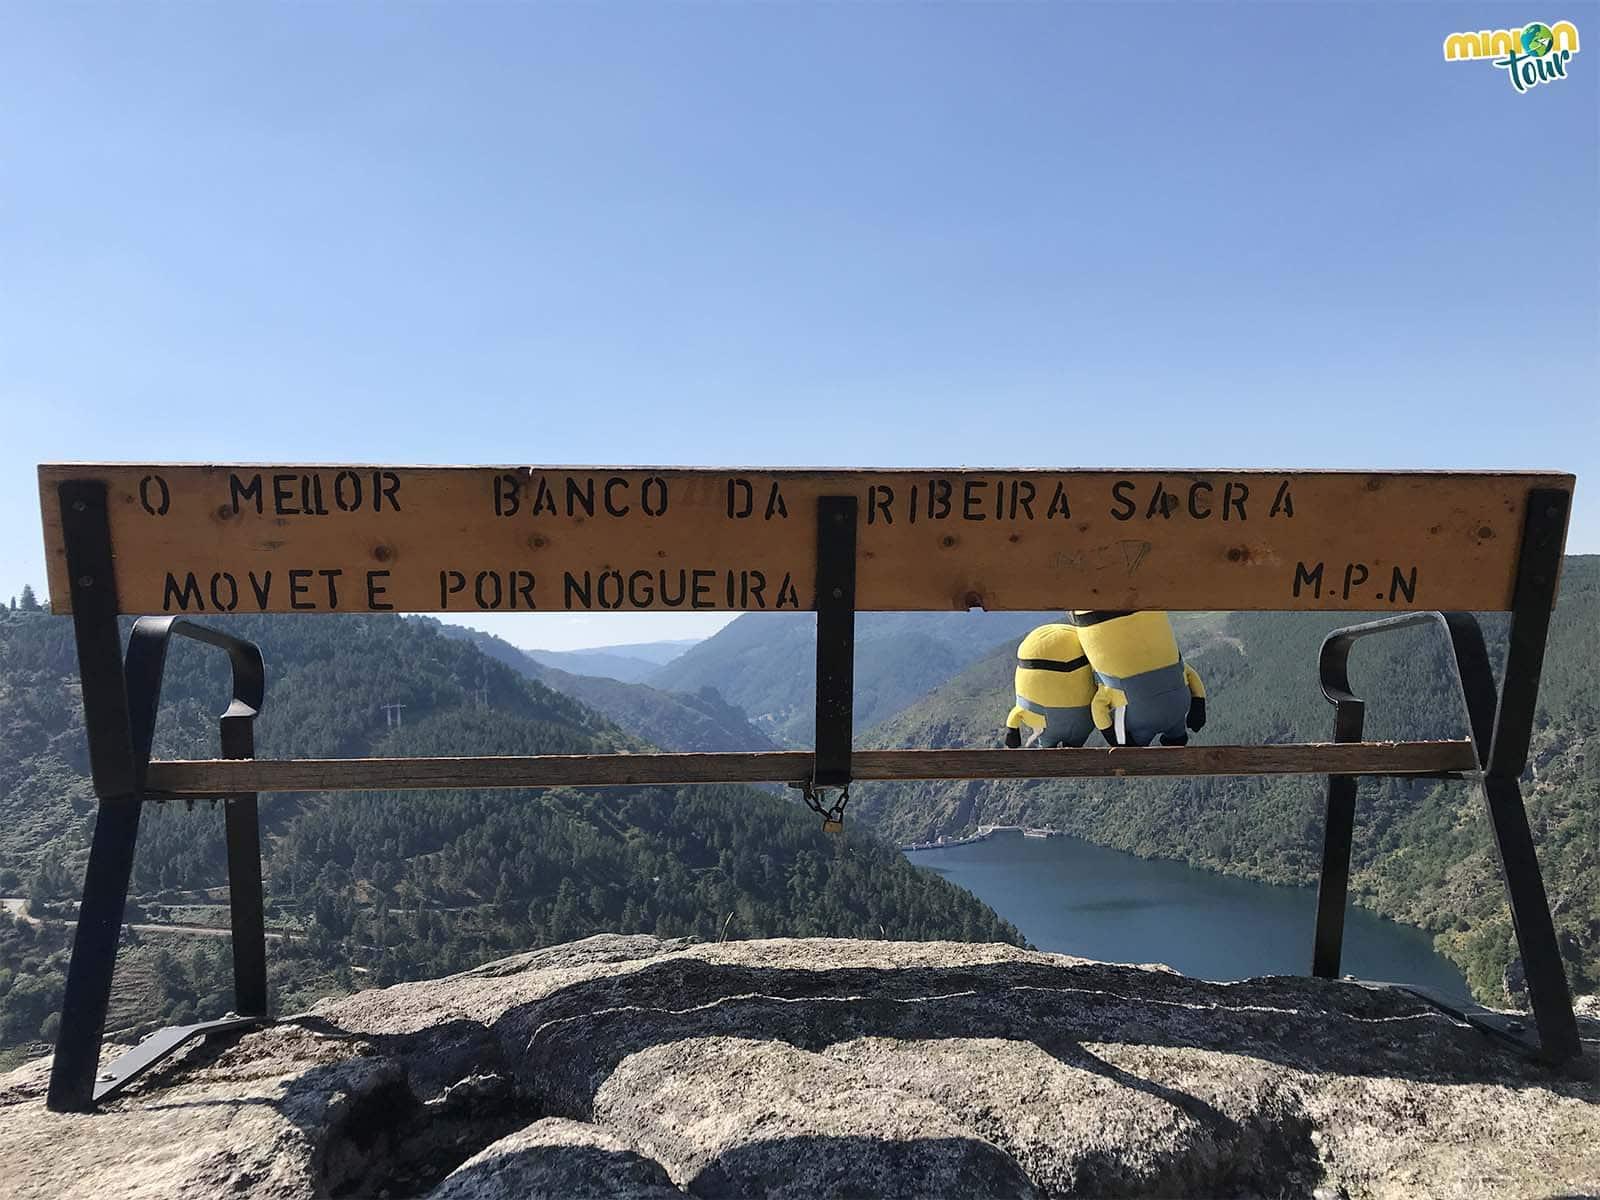 Ruta en coche por los miradores de los Cañones del Sil en la Ribeira Sacra